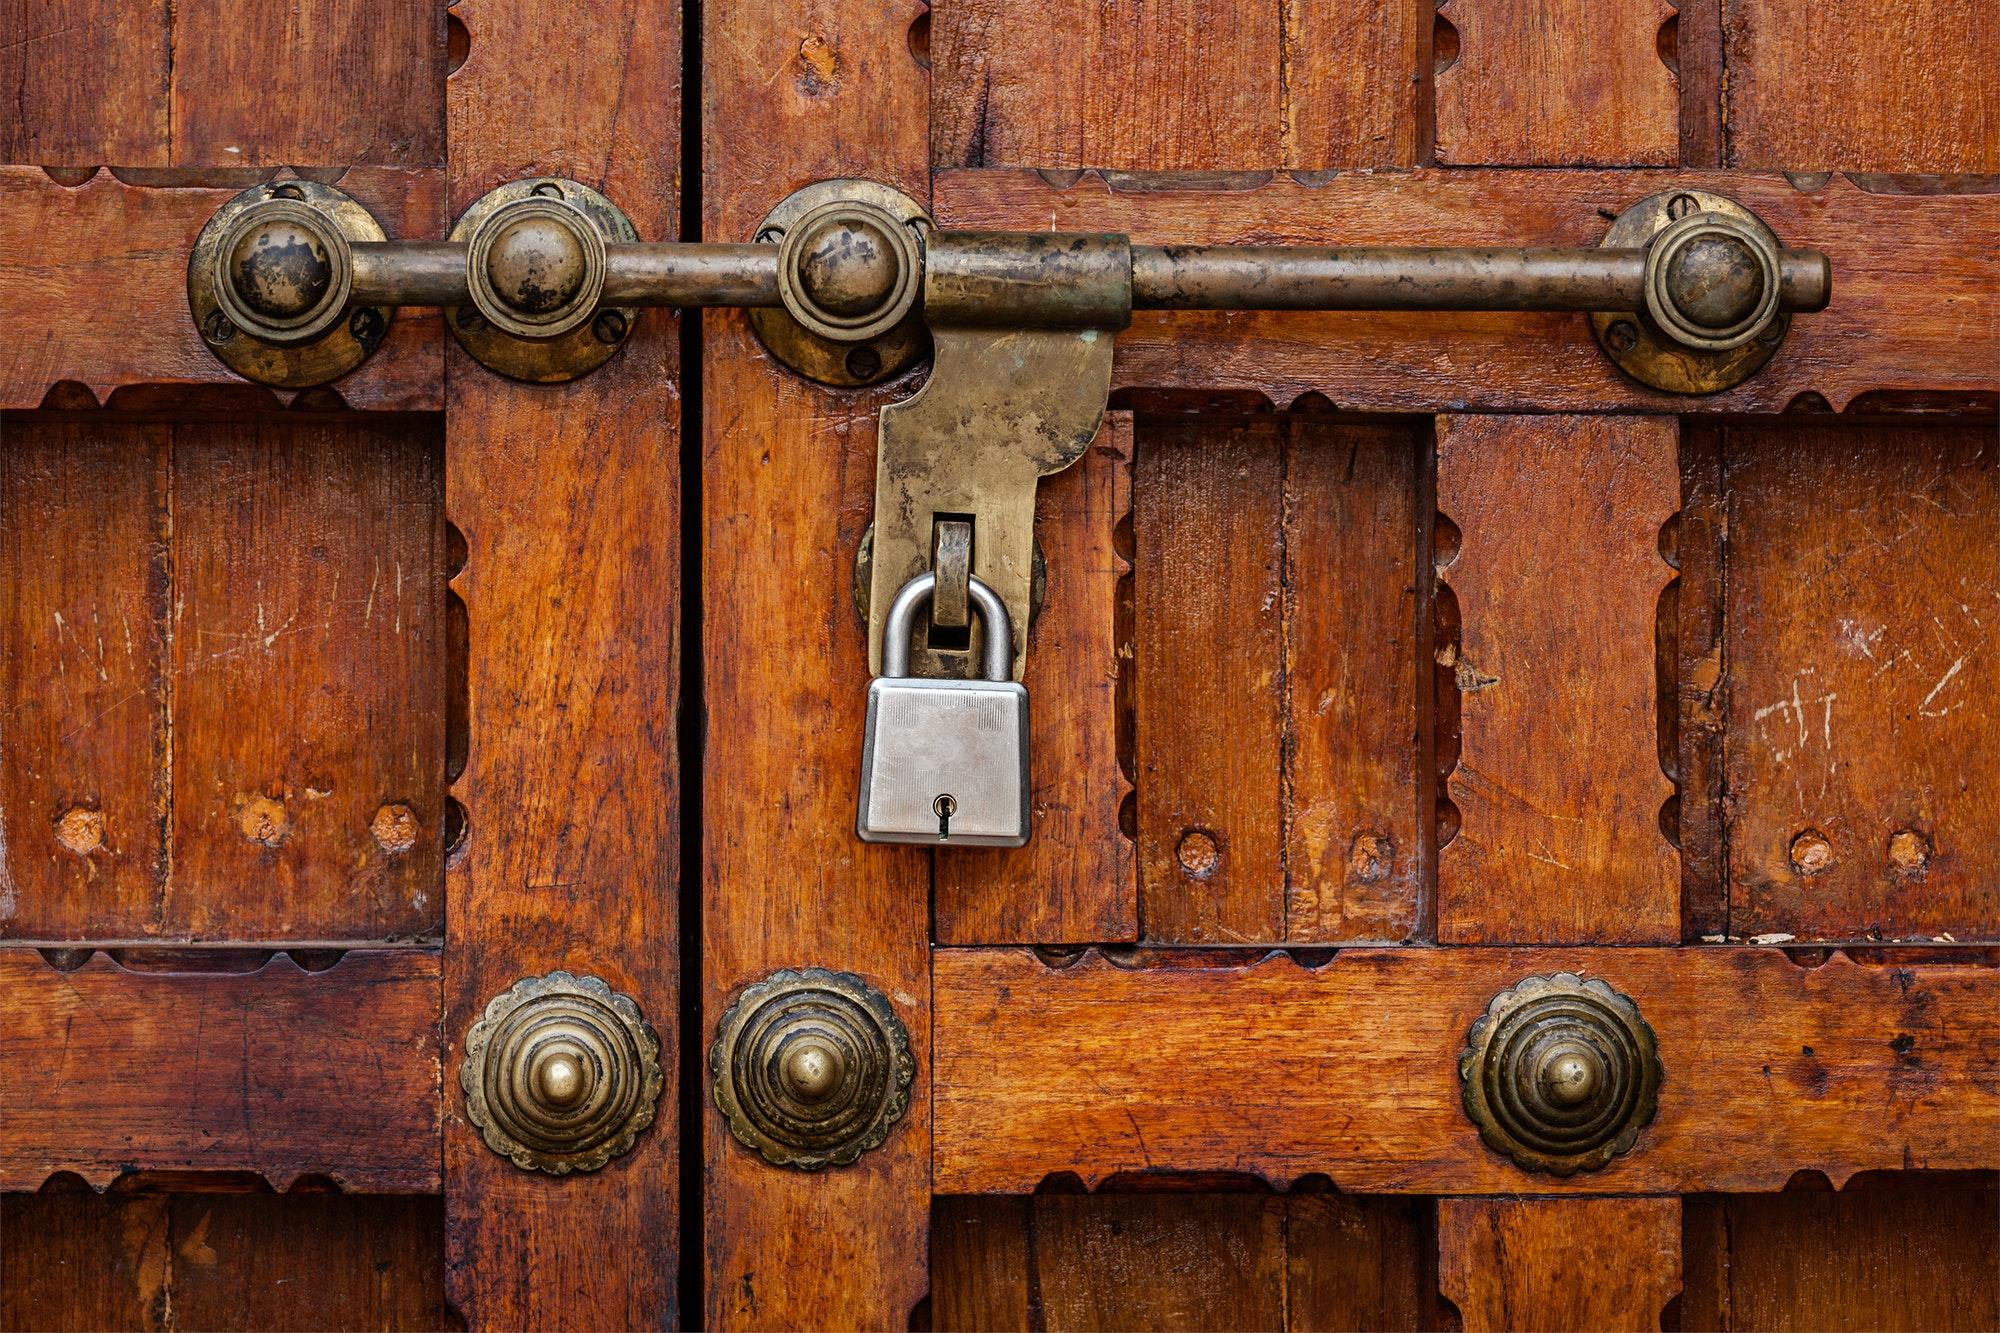 Latch with padlock on door